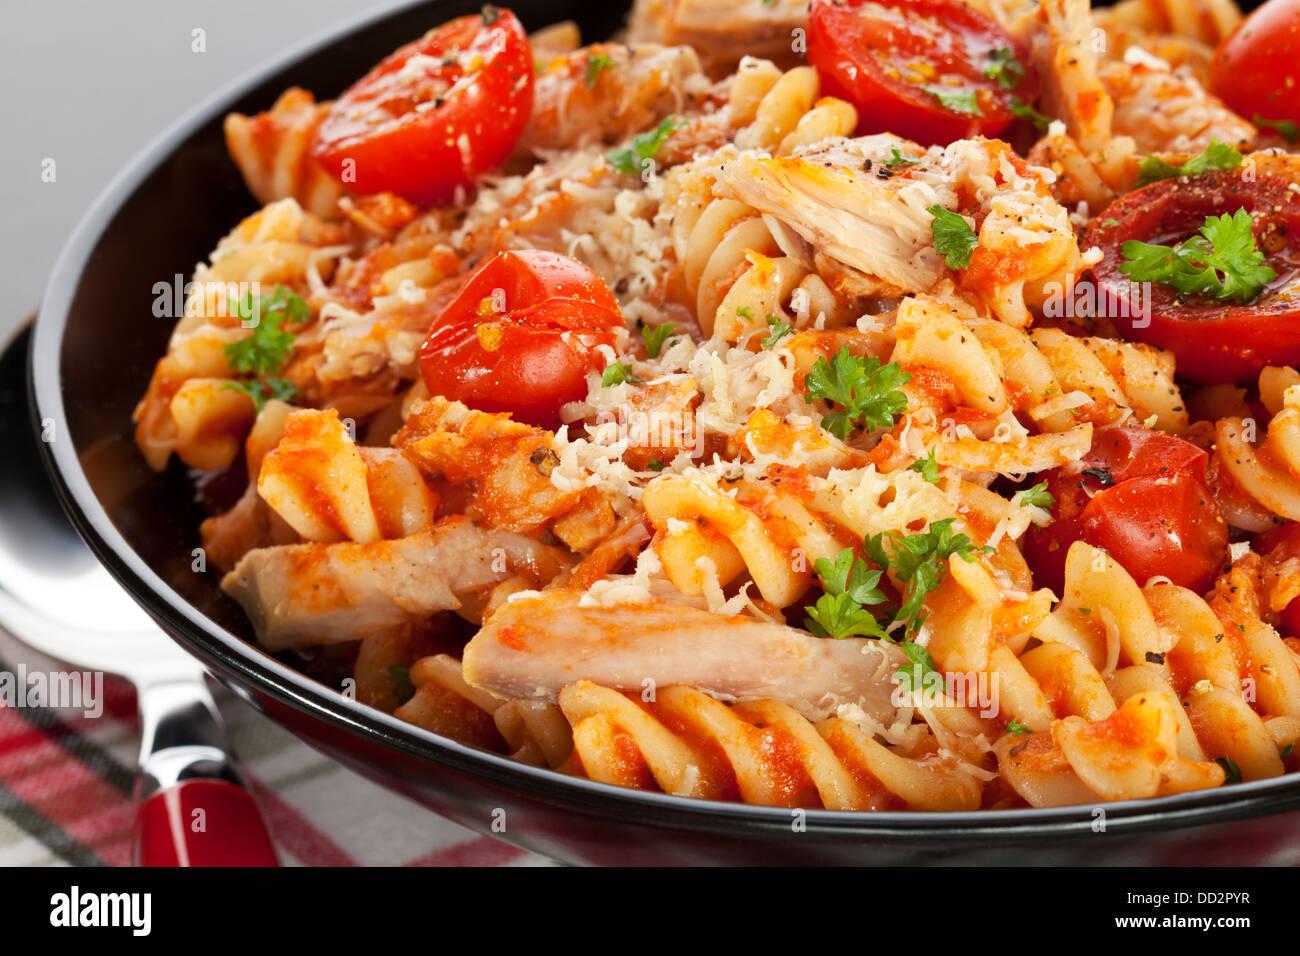 Faire cuire les pâtes au thon et tomates cerises - une portion individuelle de cuire les pâtes avec des Photo Stock